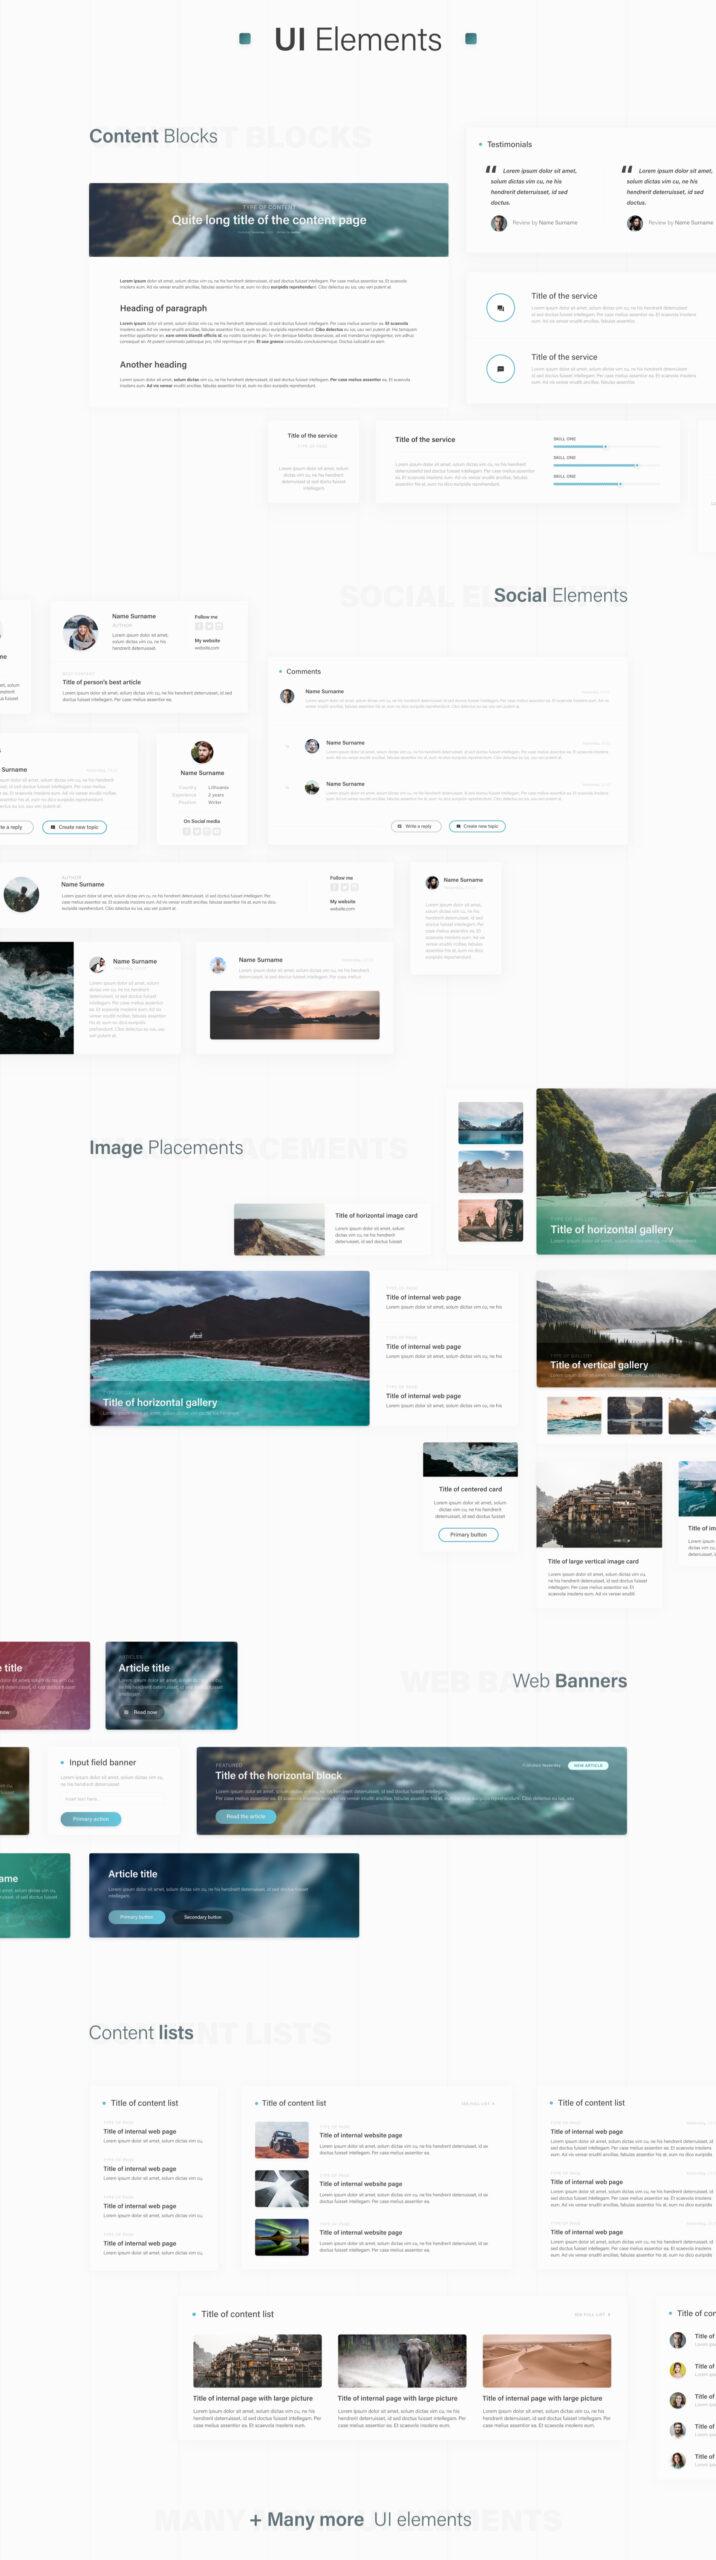 探险户外旅行主题网站免费用户界面工具包插图